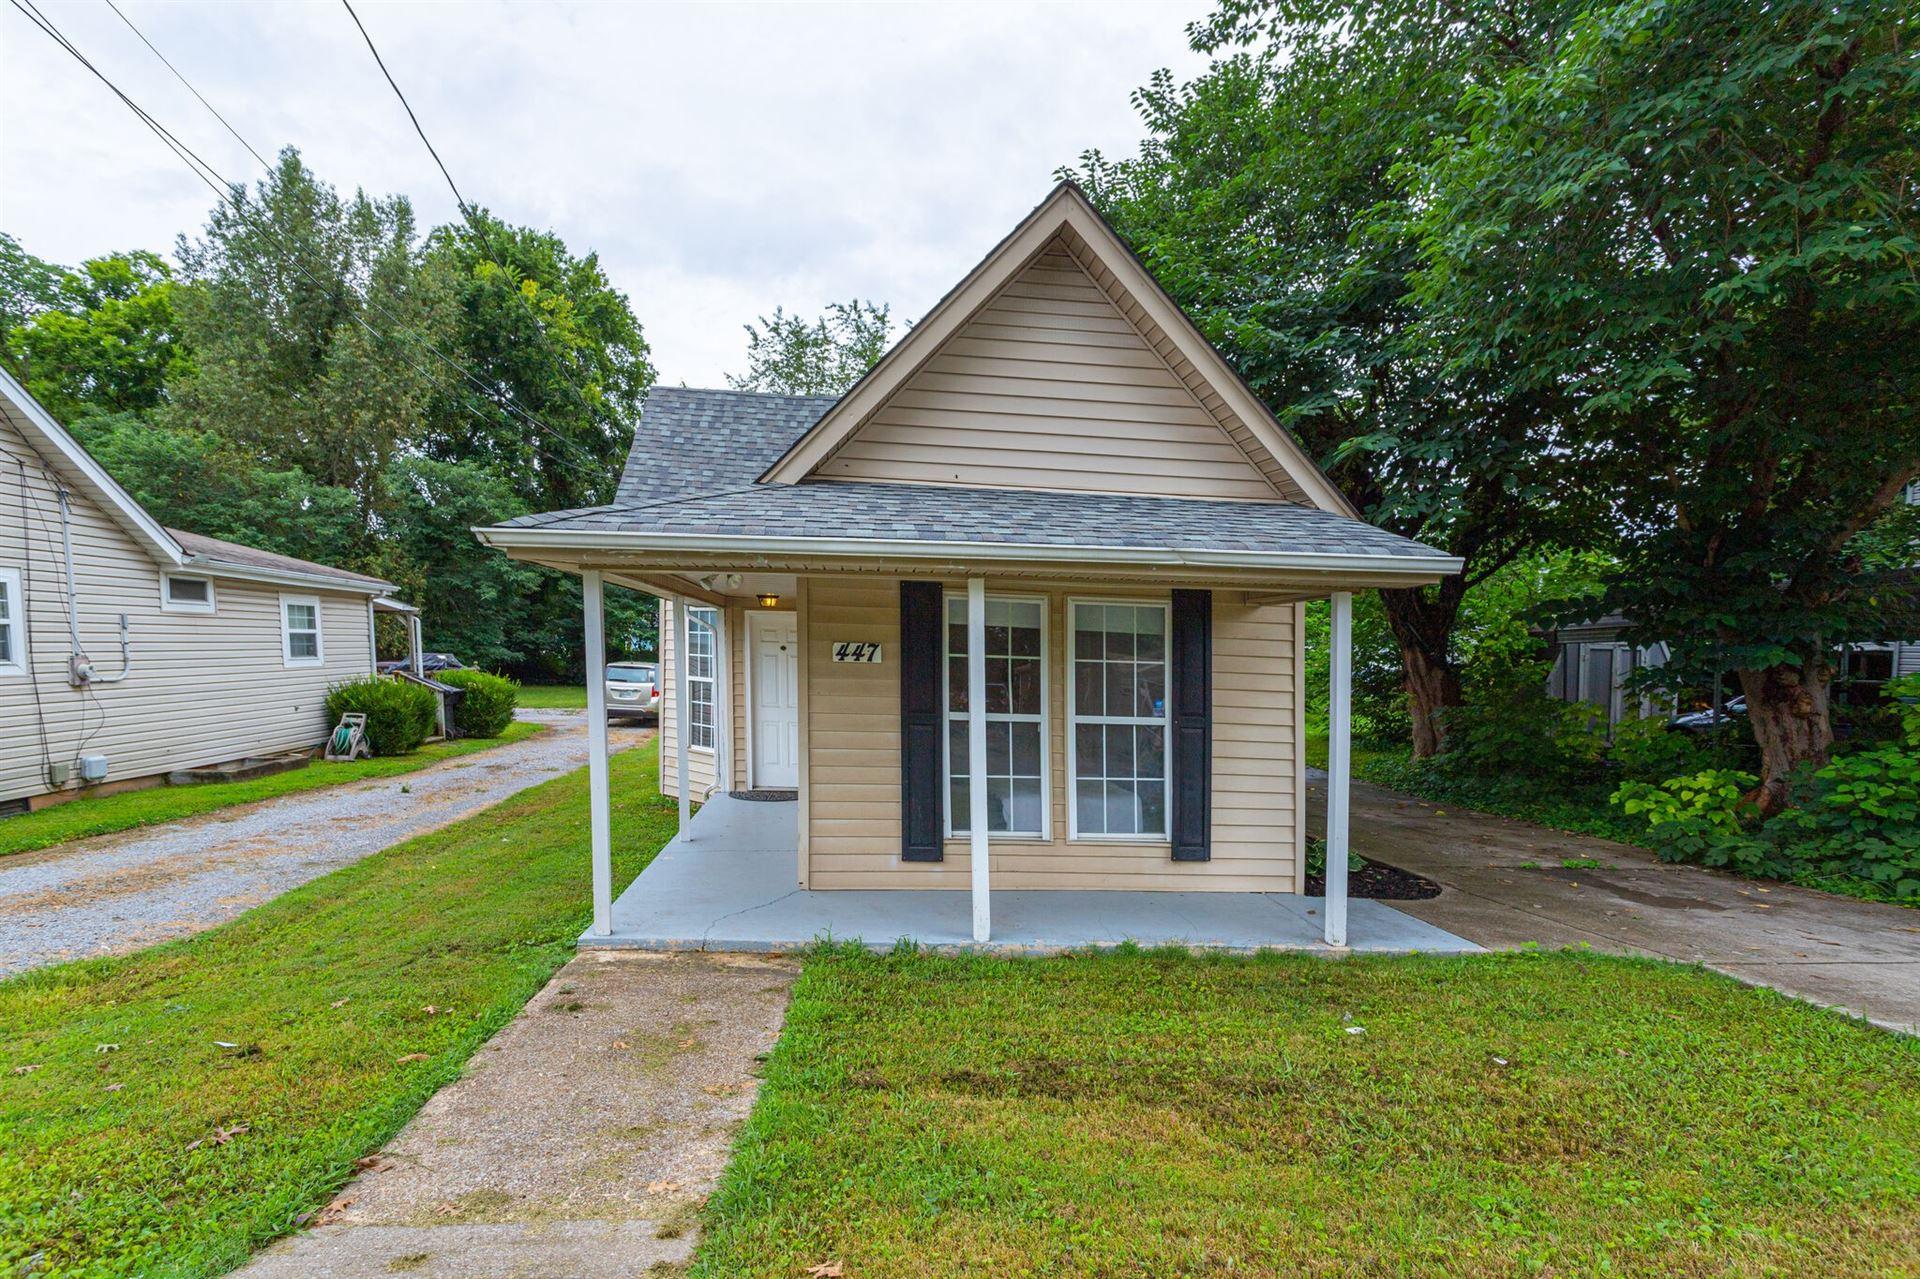 Photo of 447 E State St, Murfreesboro, TN 37130 (MLS # 2284430)